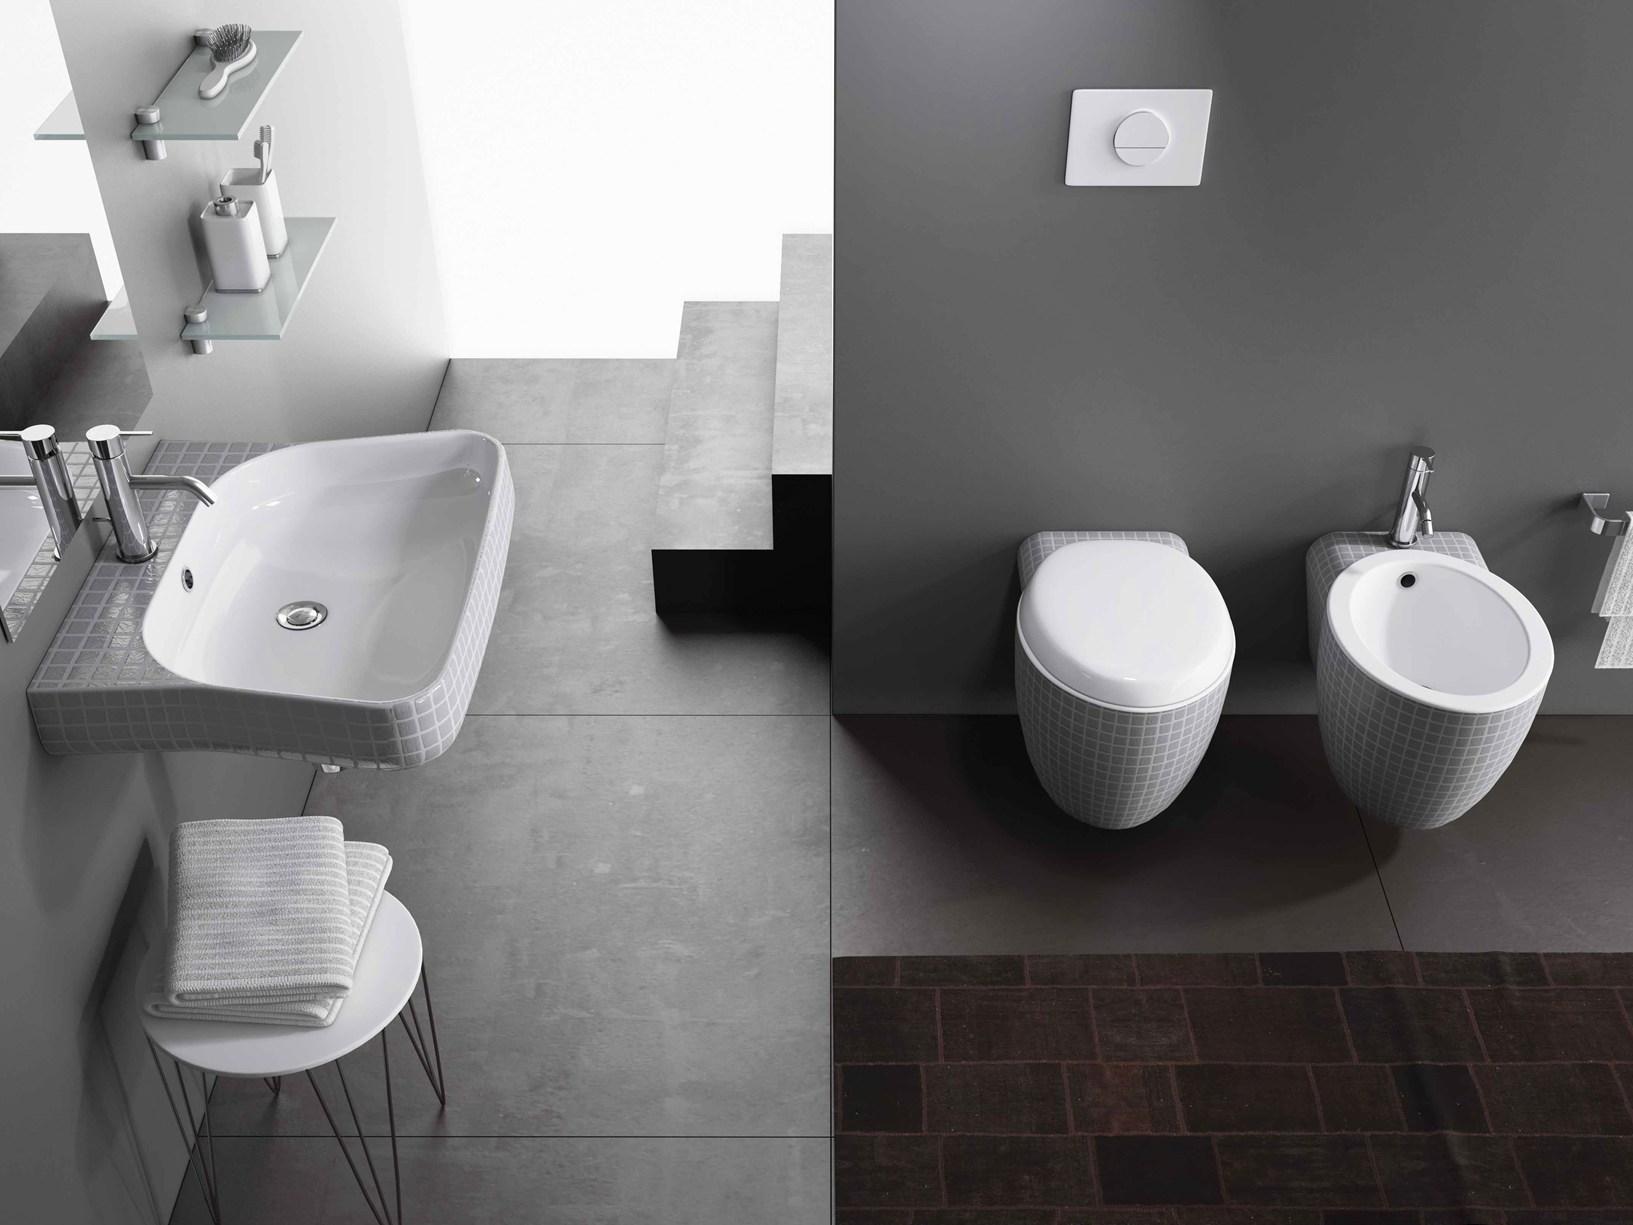 Stile interpreta l 39 ambiente bagno con mosaiko for Arredo bagno semplice